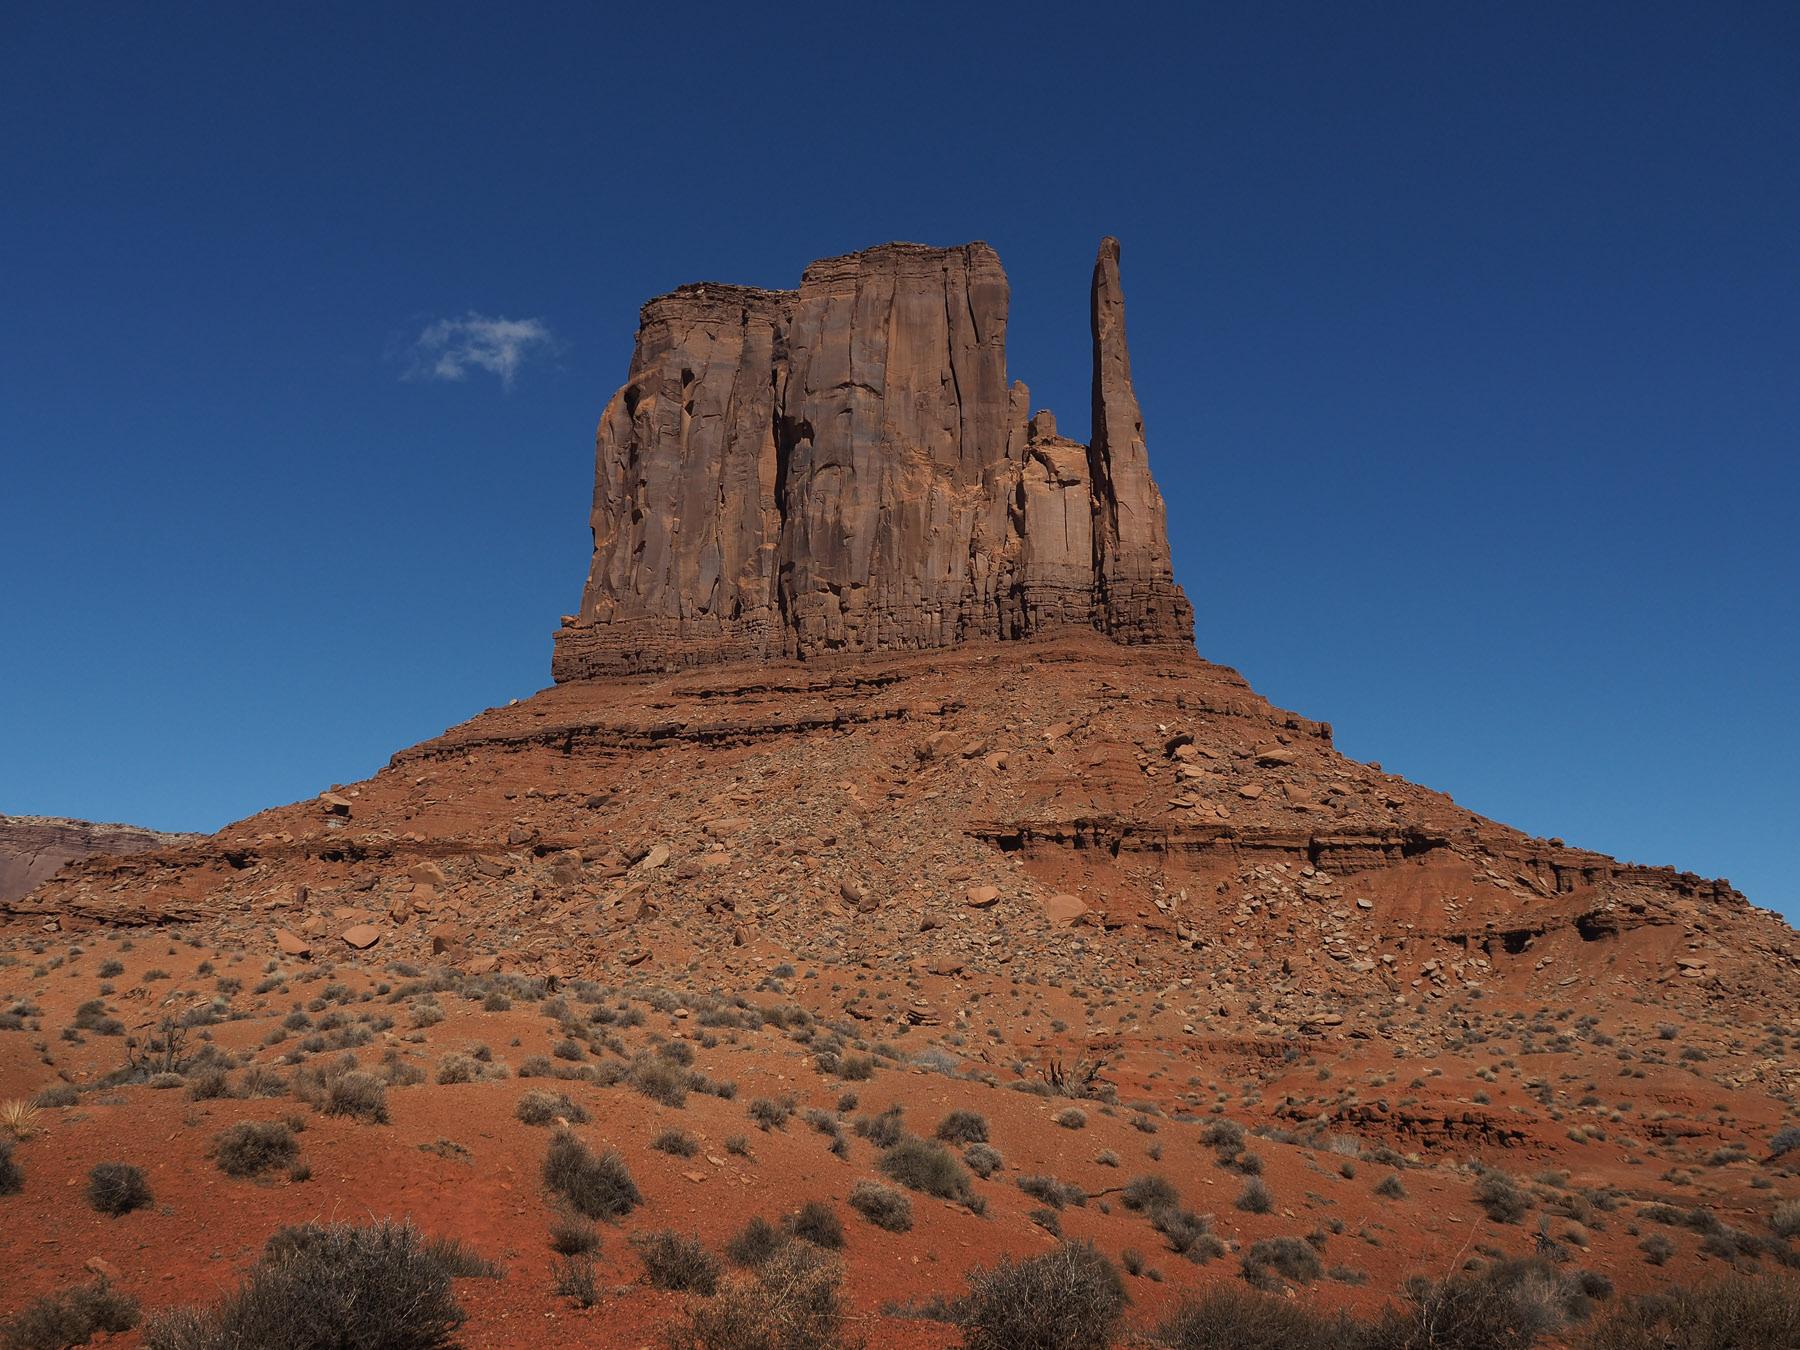 West Mitten Butte in Monument Valley